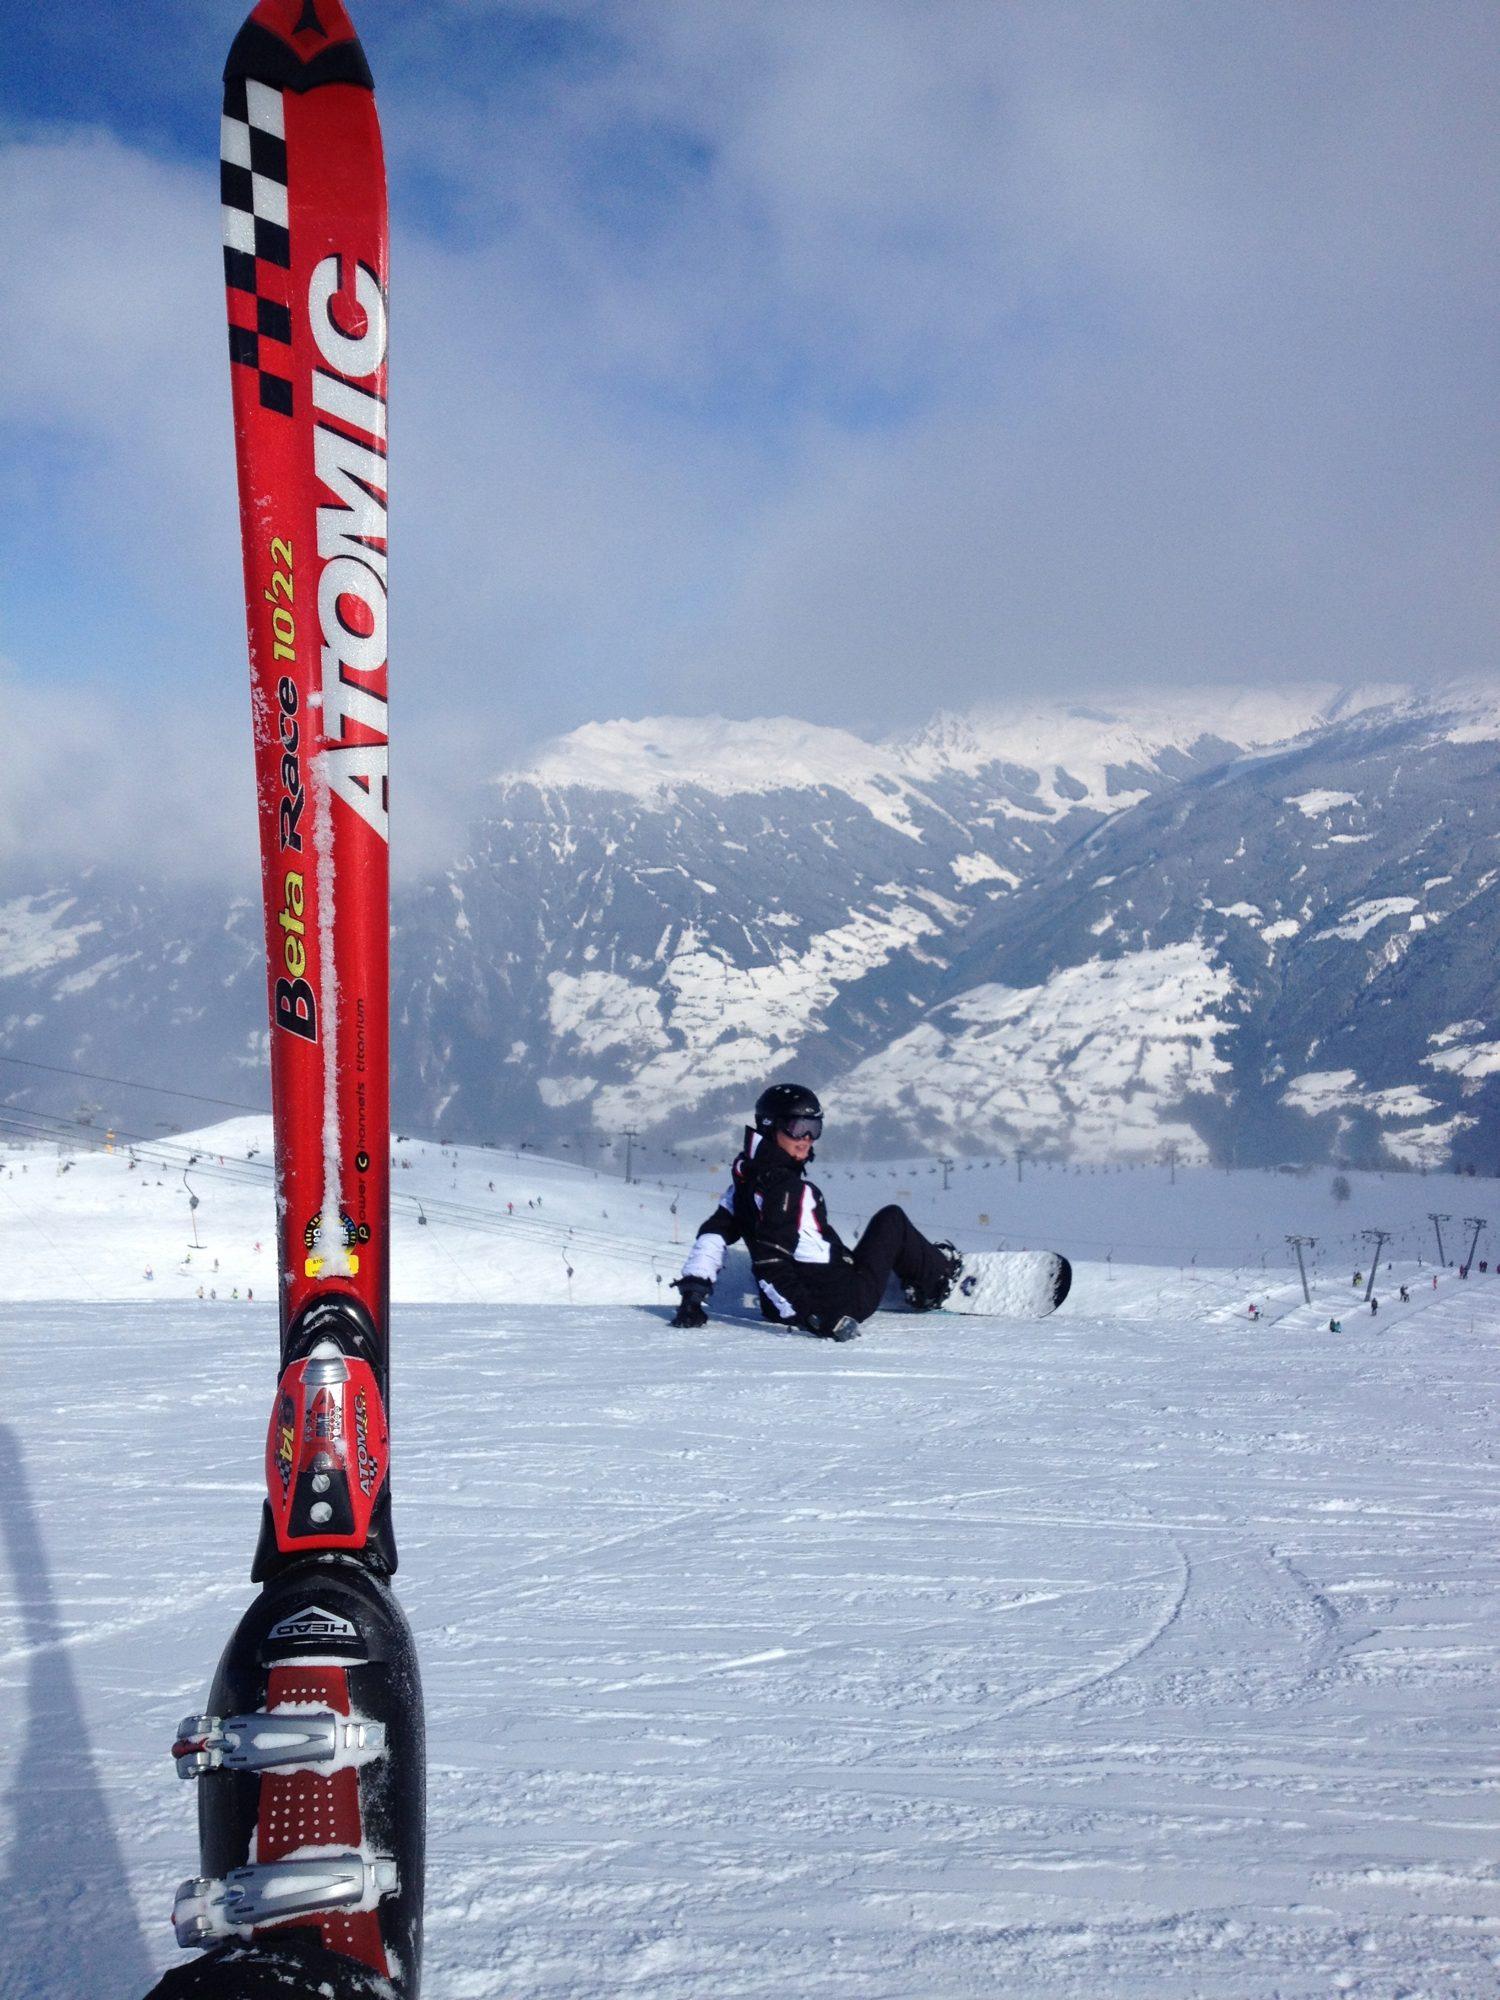 Februar 2013 - Luisa im Schnee und Thilos Ski.